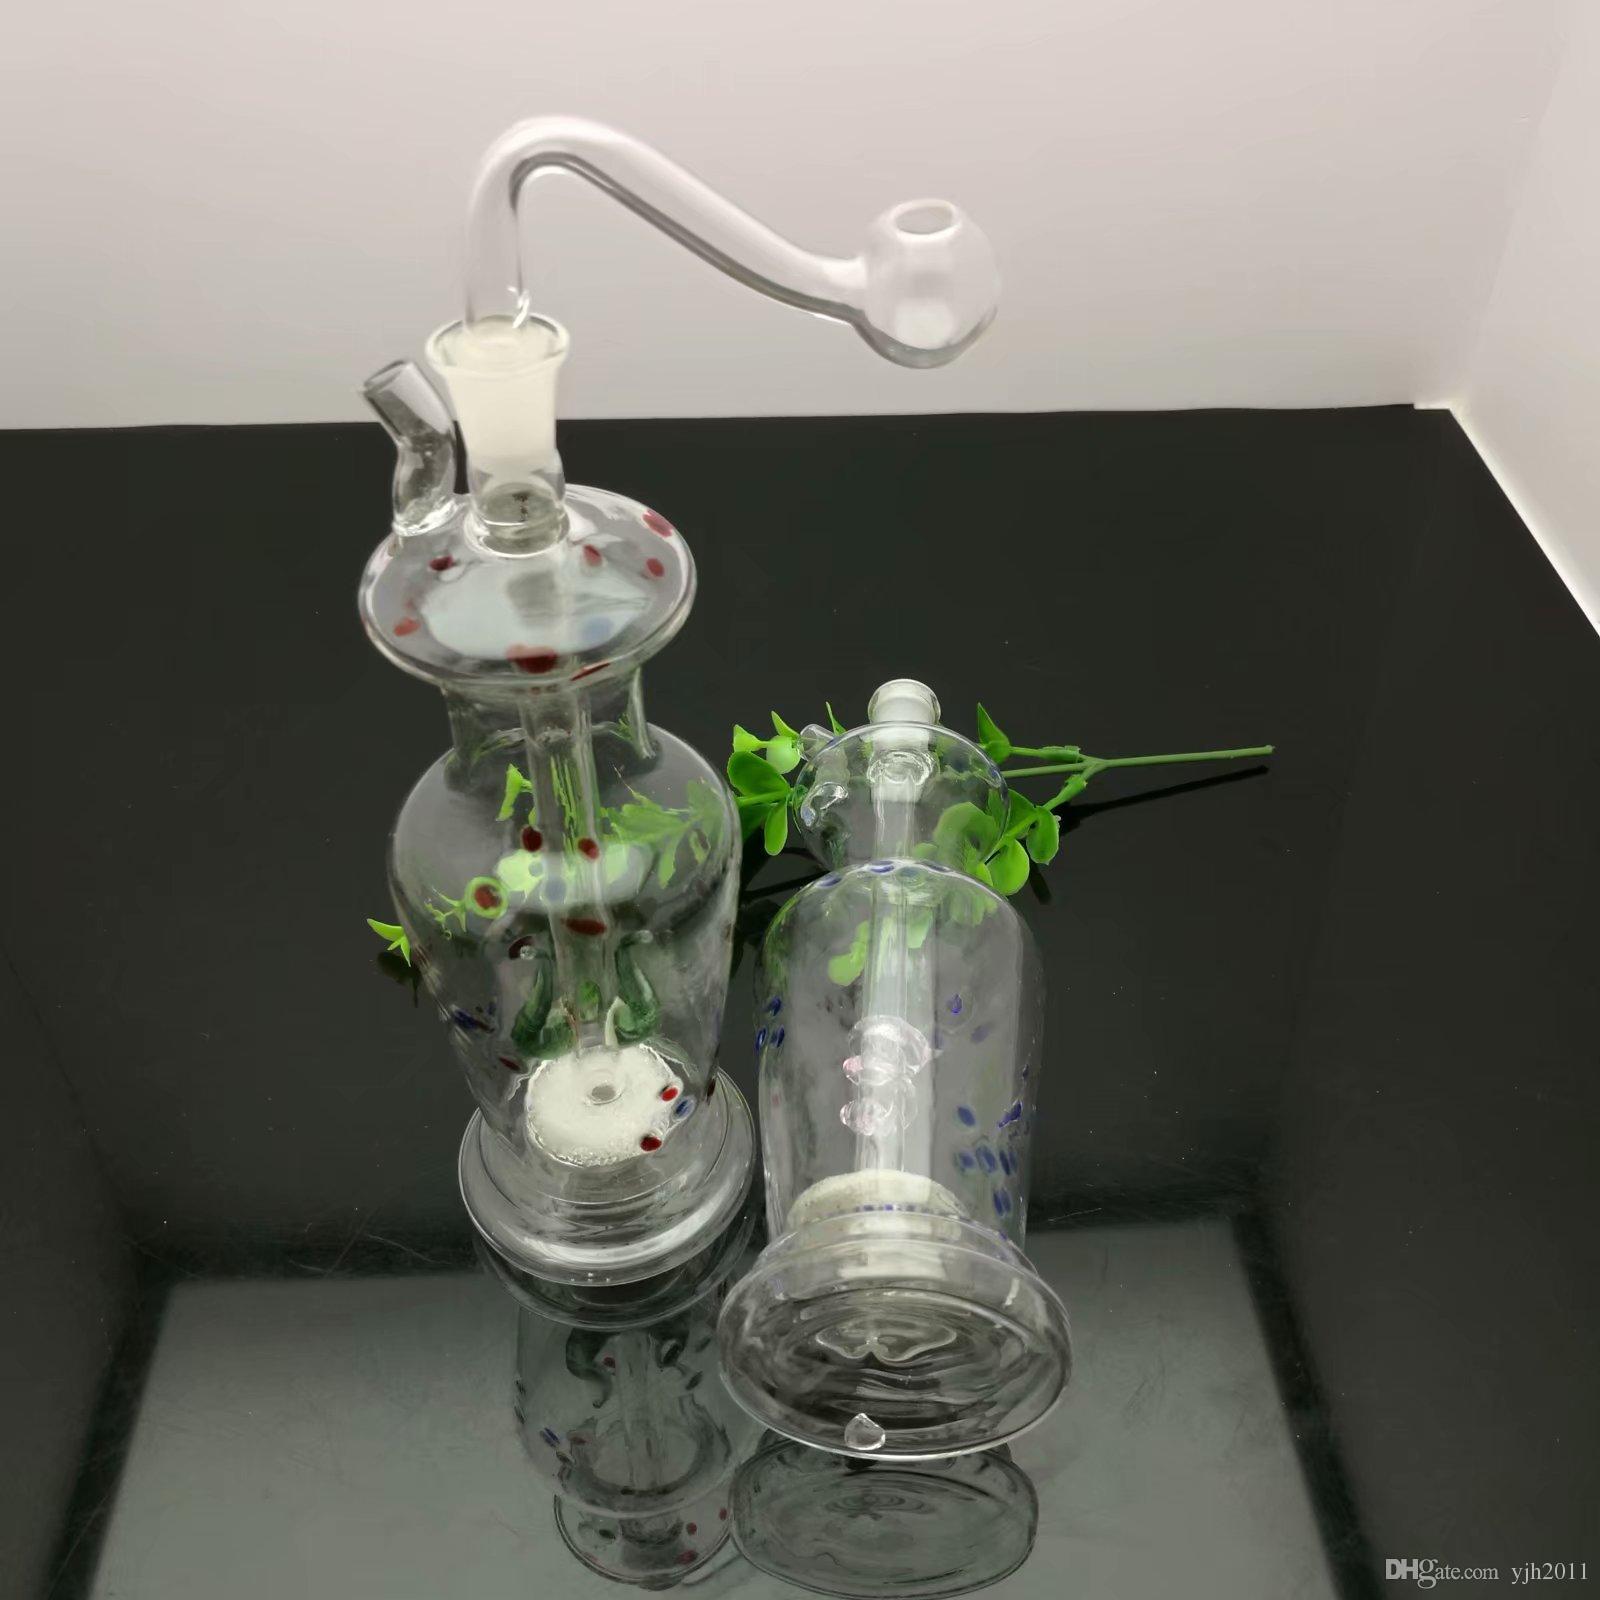 Colore Punto di sabbia pistola ad acqua di vetro bongs nucleo di vetro all'ingrosso del bruciatore a nafta Pipes bicchiere d'acqua oil rig fumatori spedizione gratuita